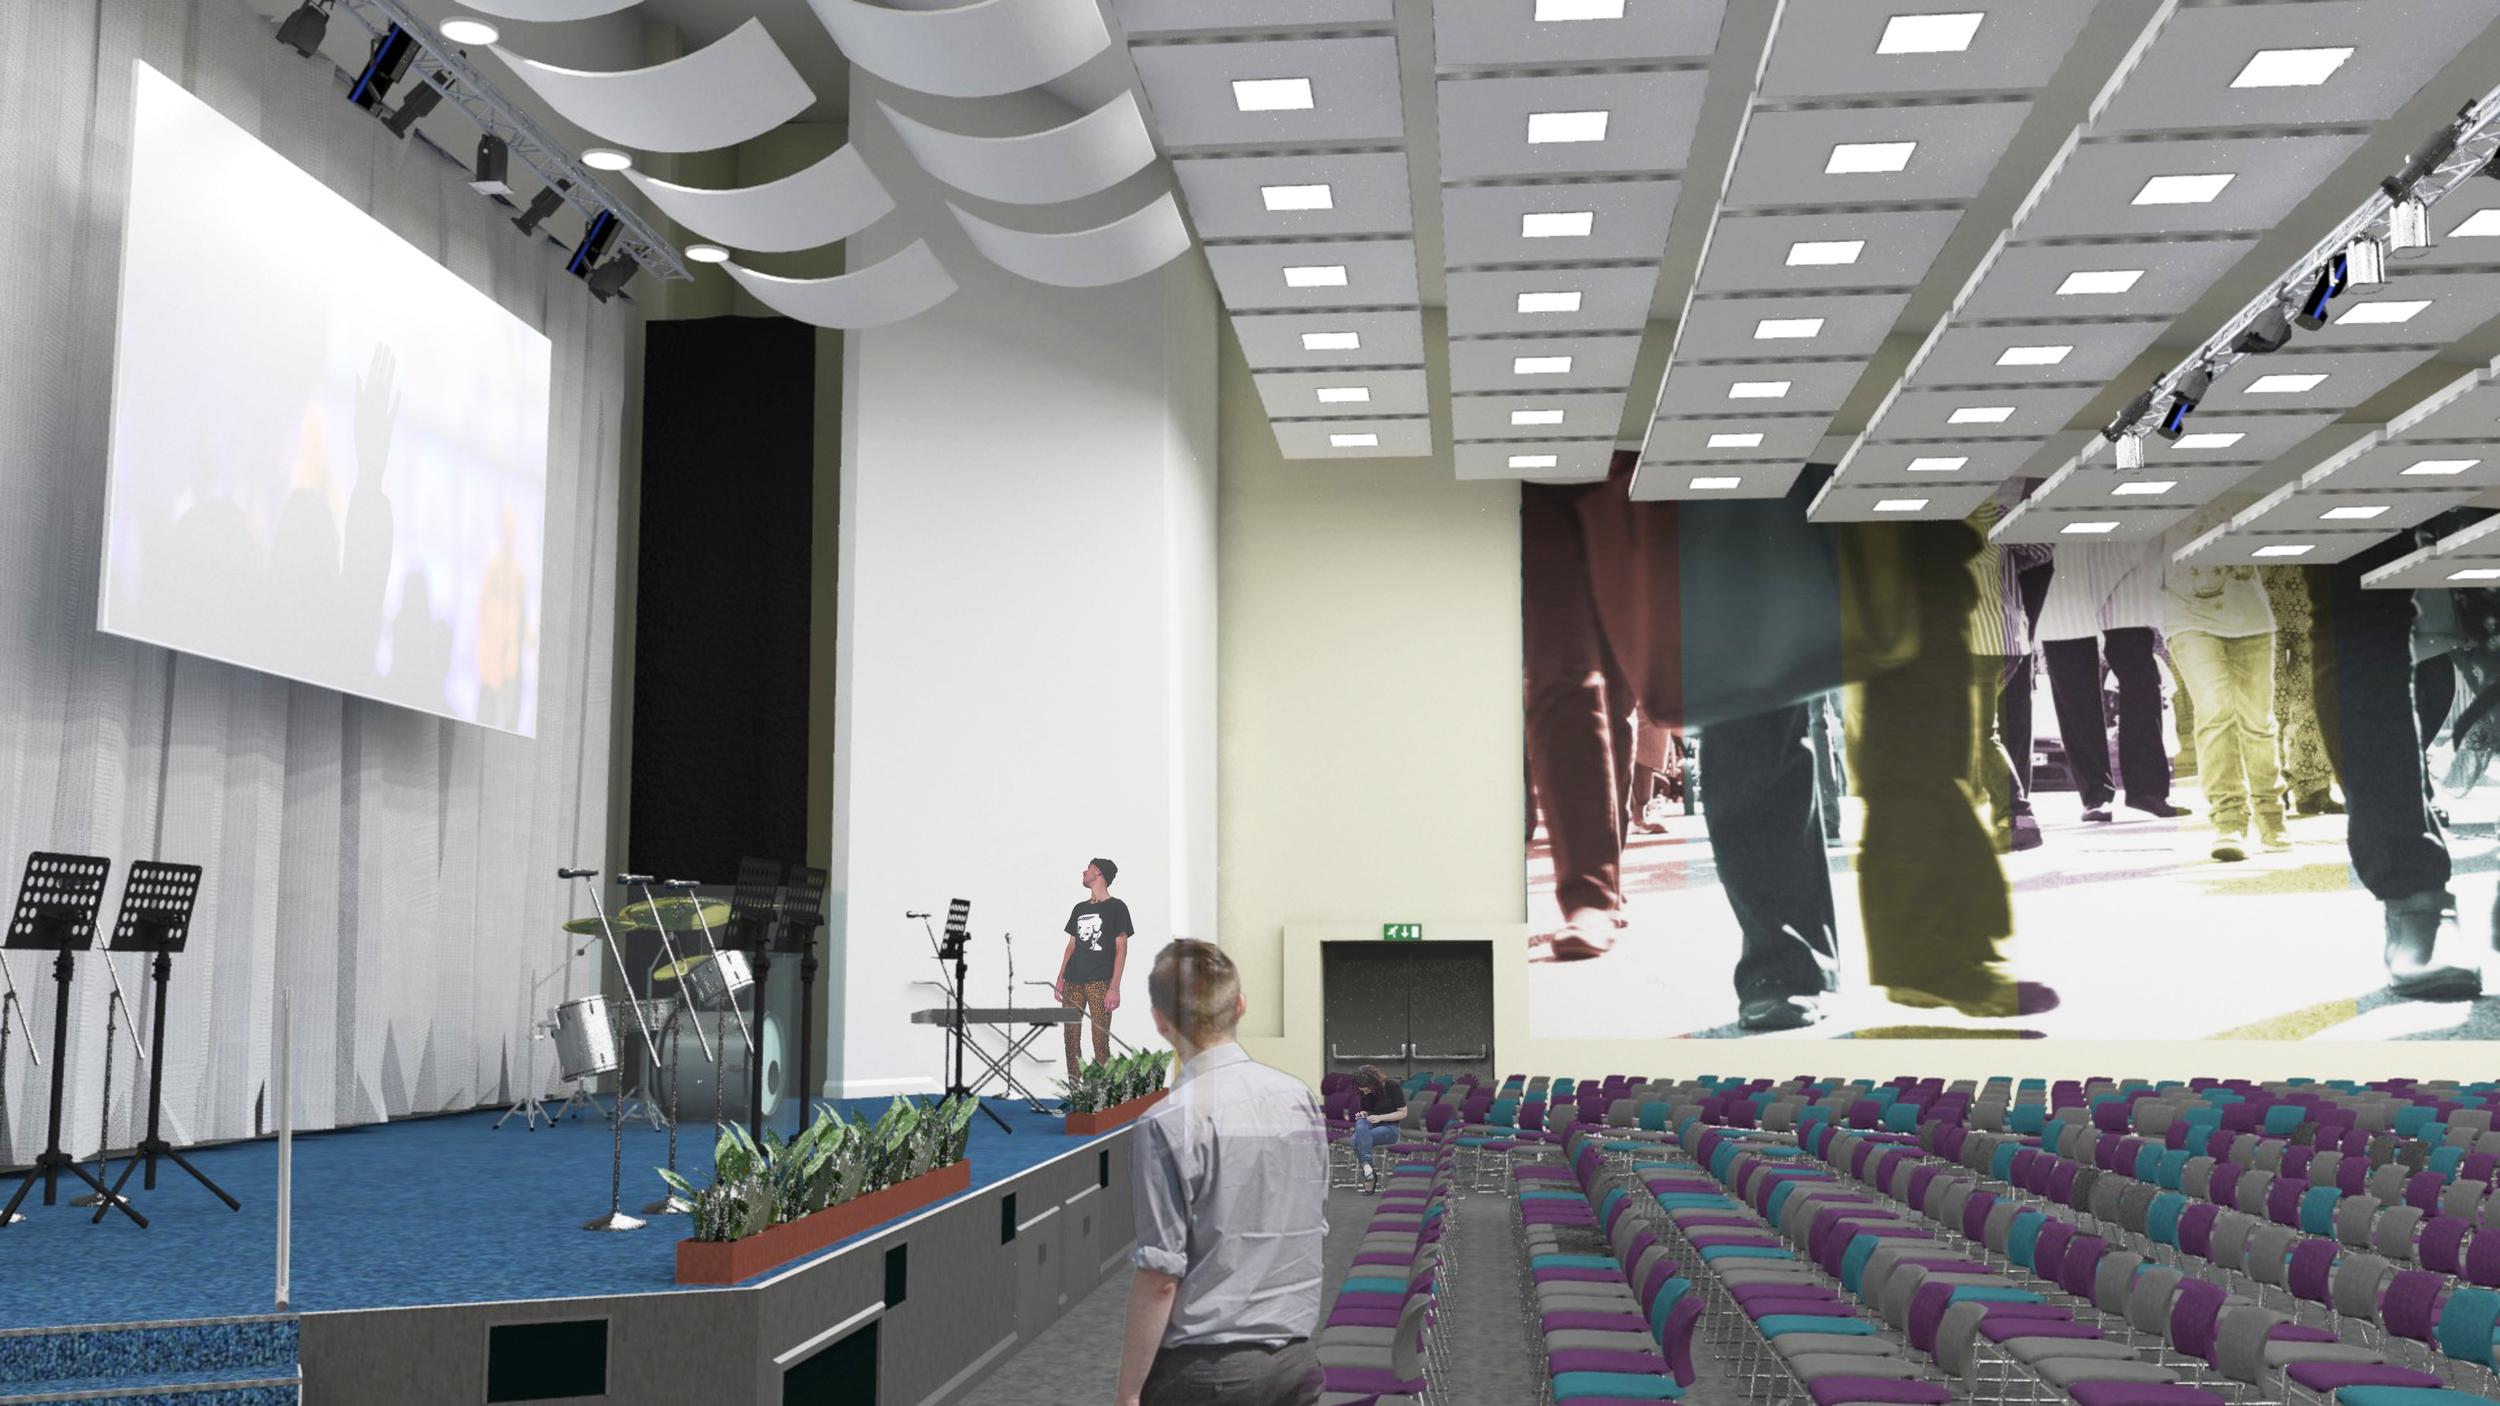 3D Visual of auditorium